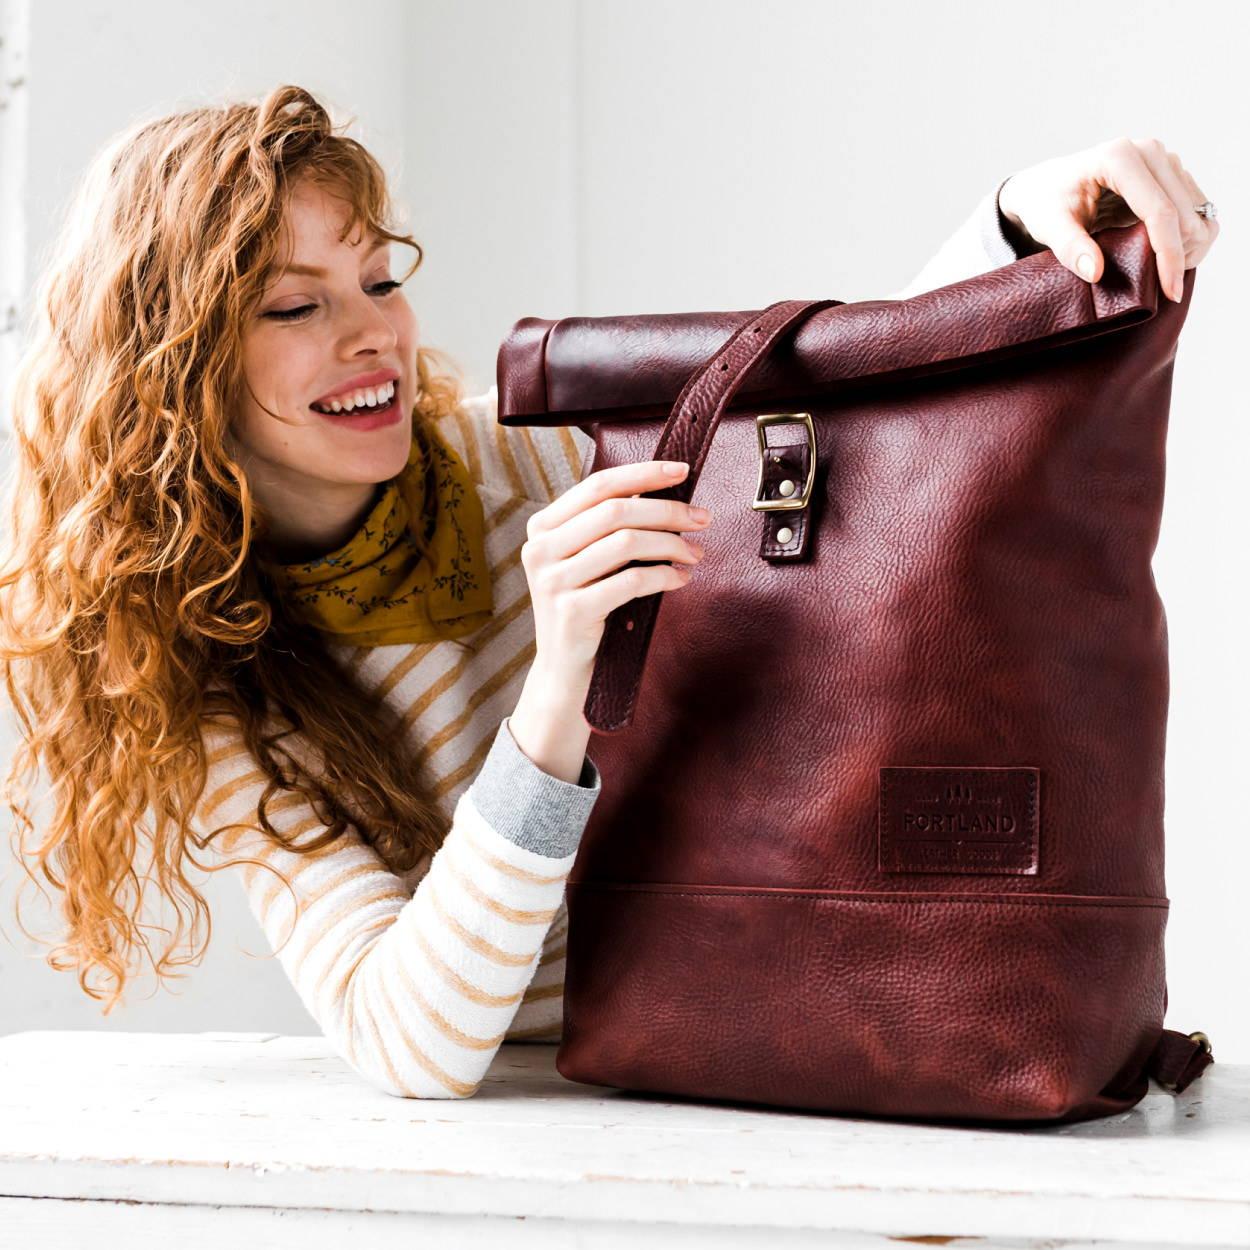 smiling model unbuckling oxblood rolltop backpack